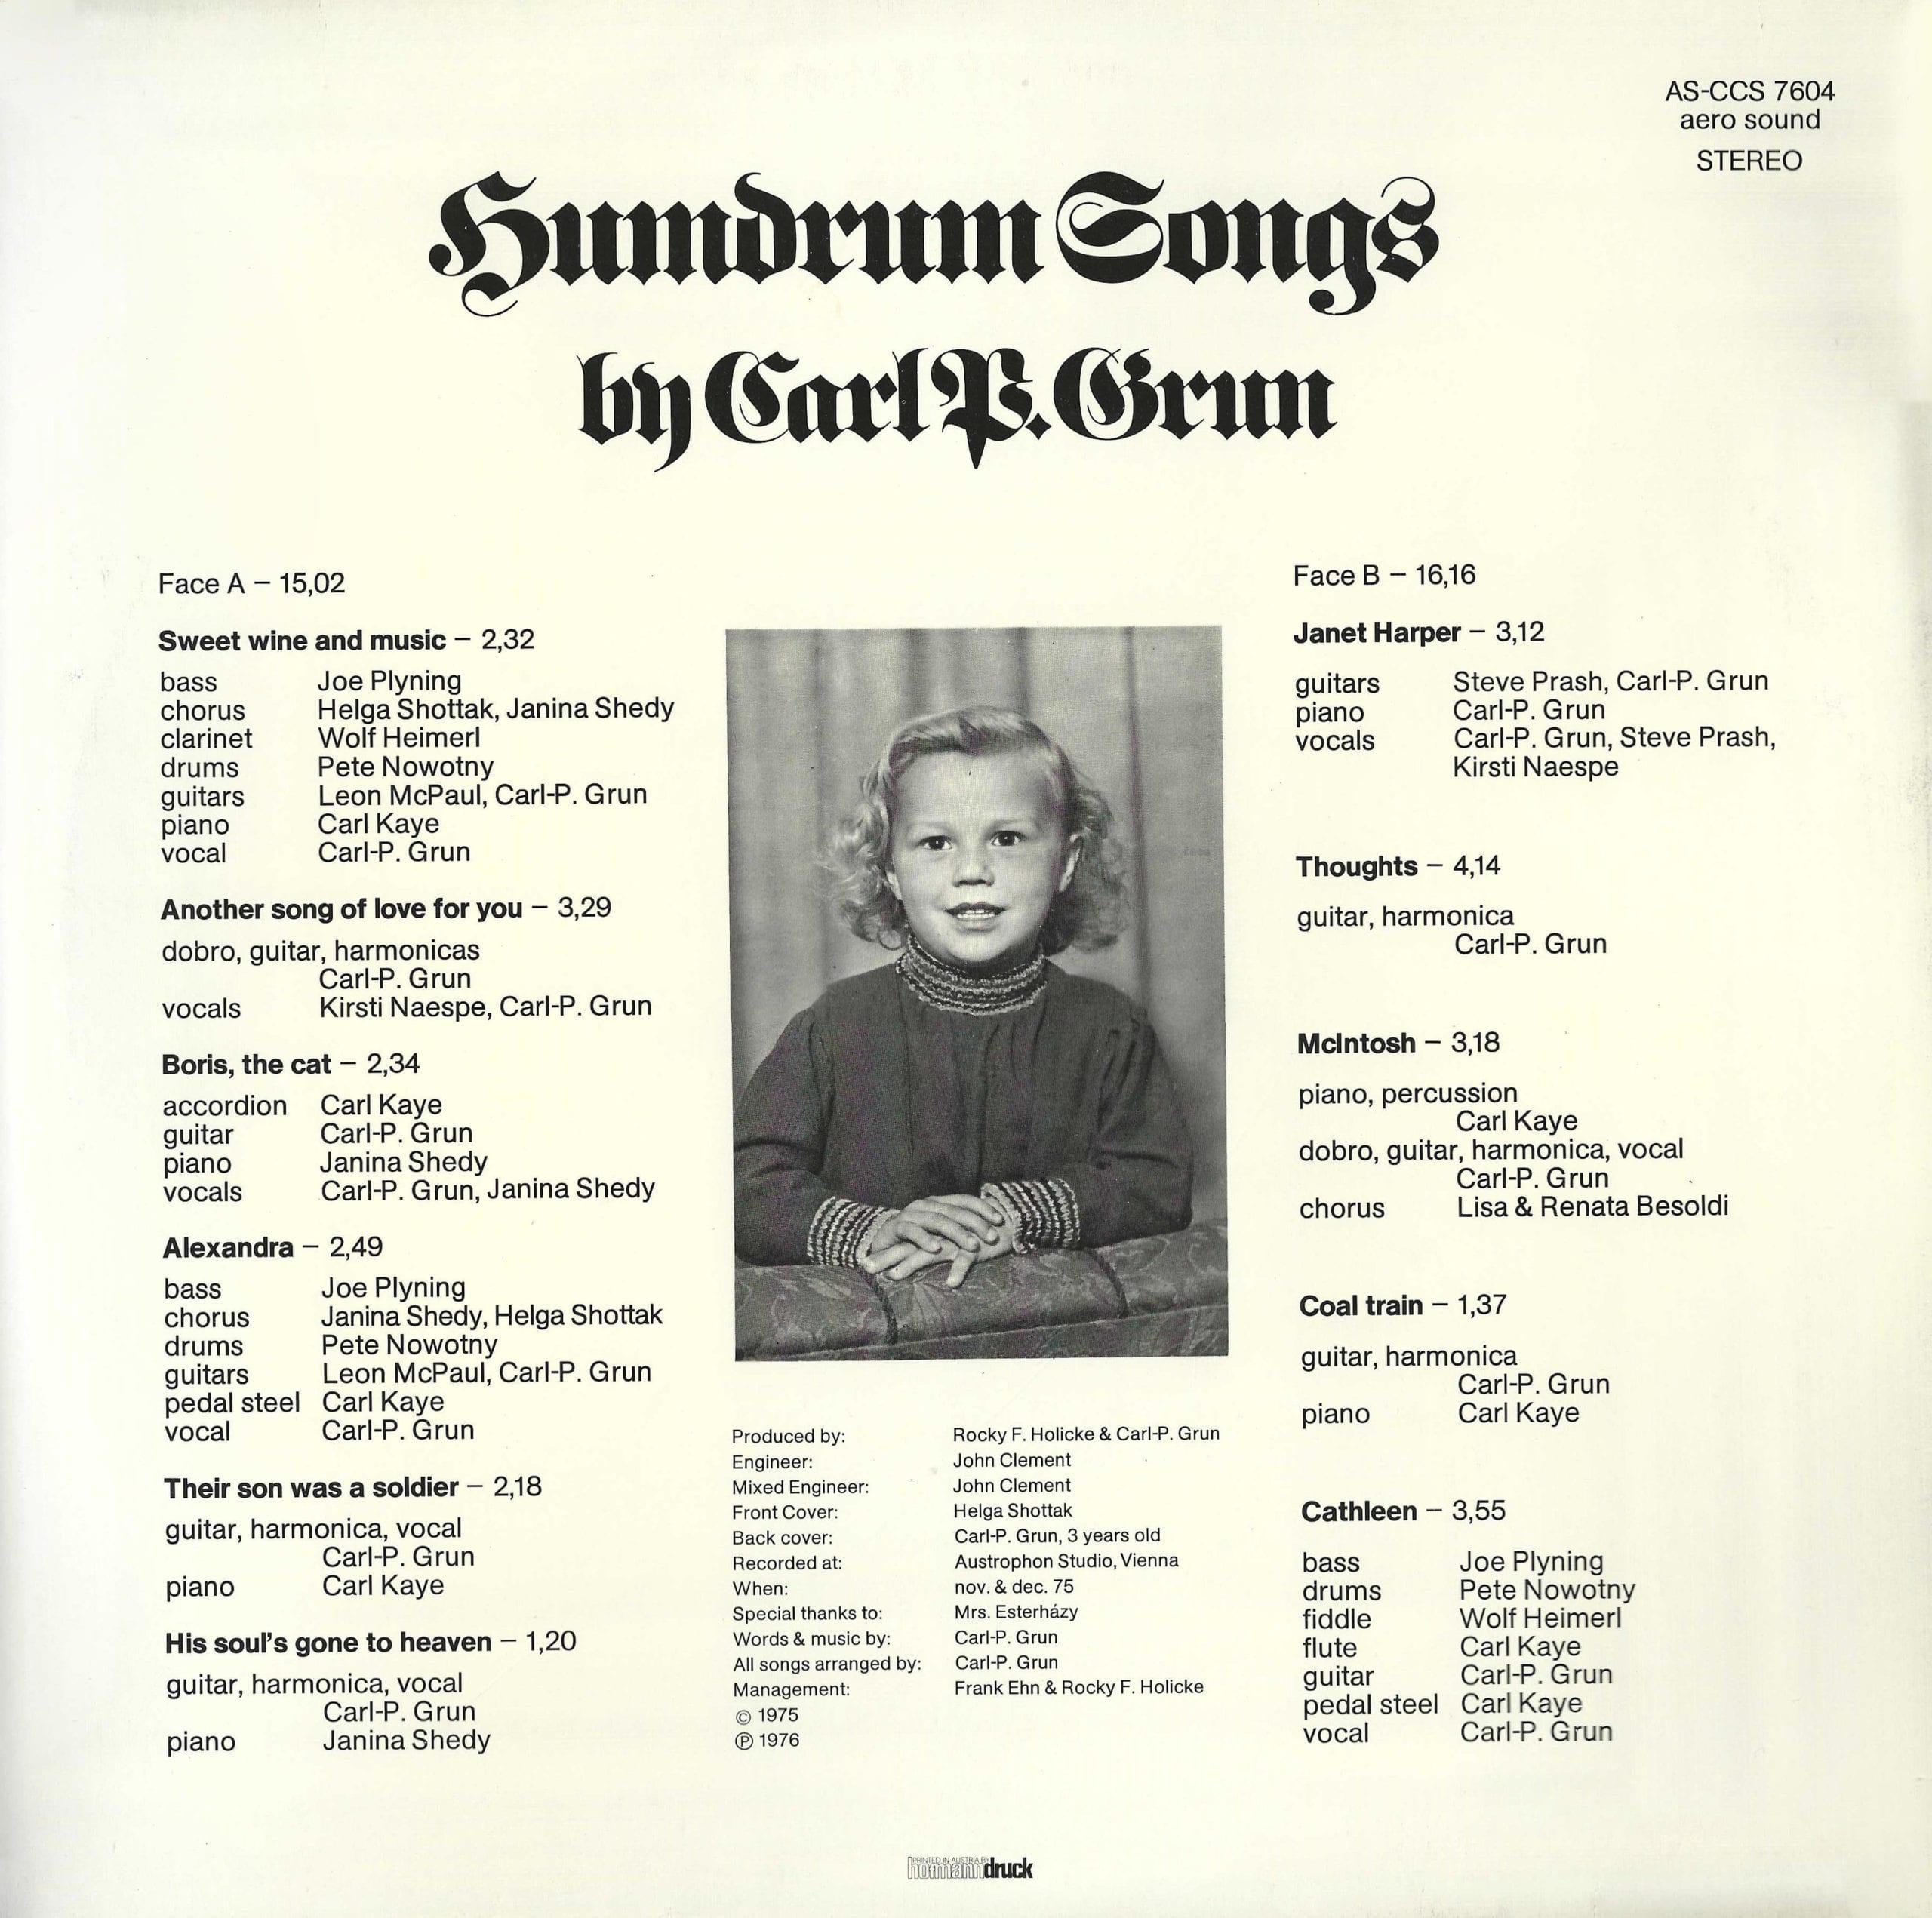 Humdrum Songs – 2